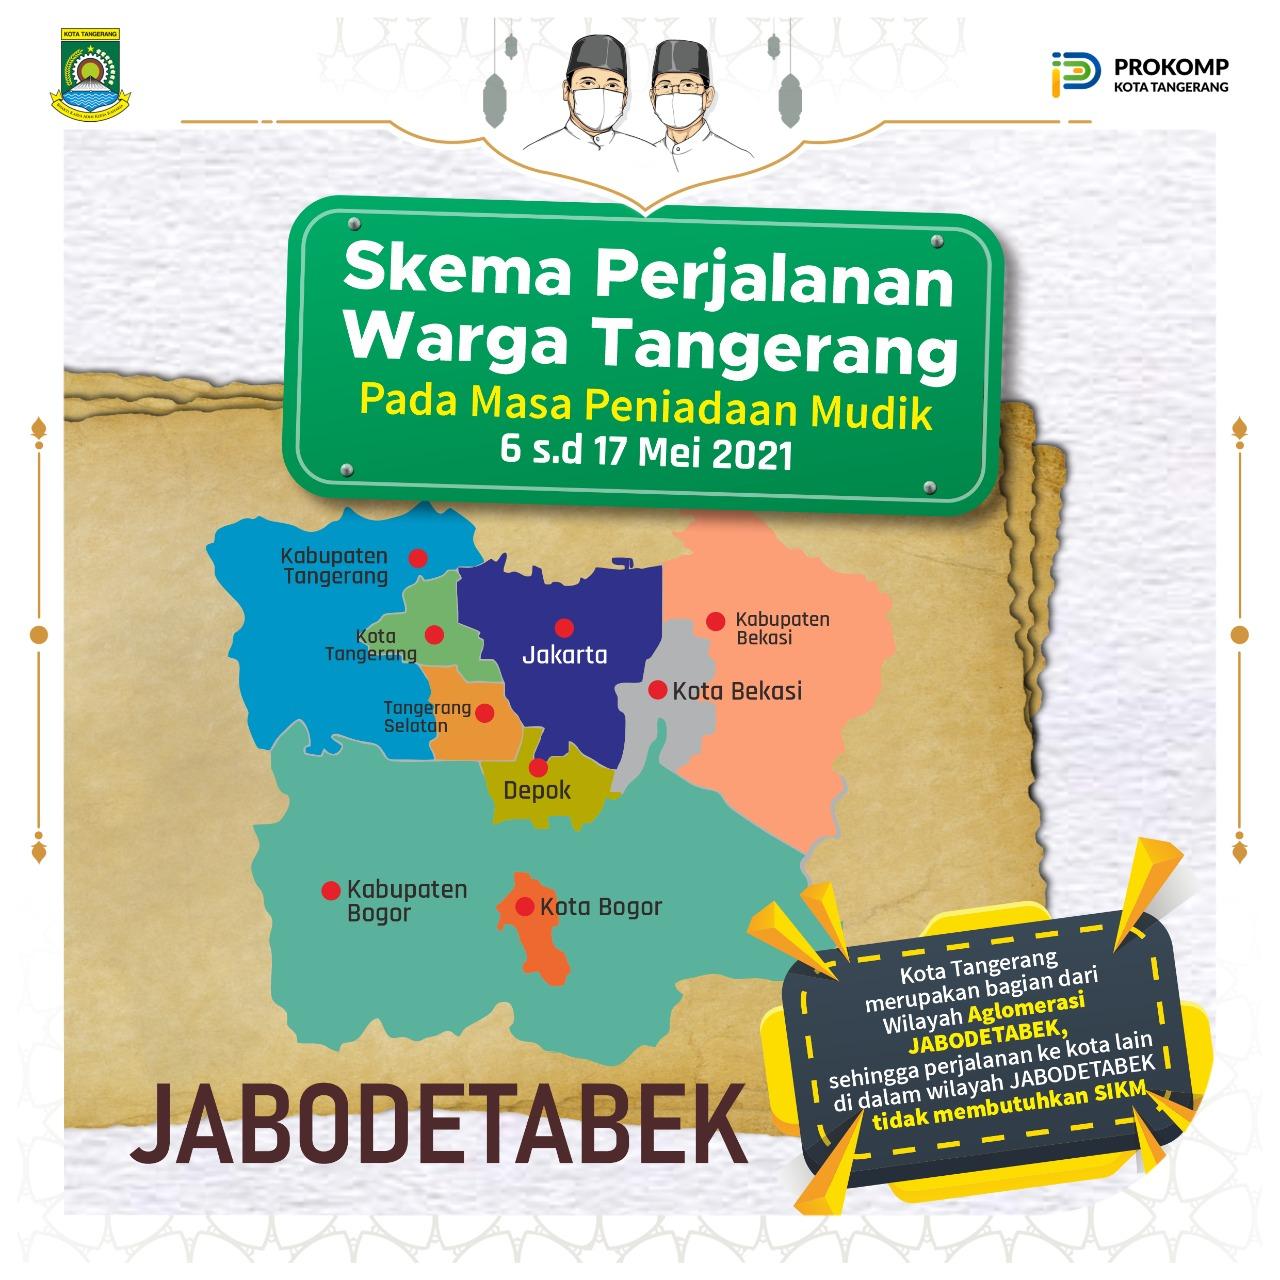 Flayer skema perjalanan arga Tangerang pada masa peniadaan mudik.